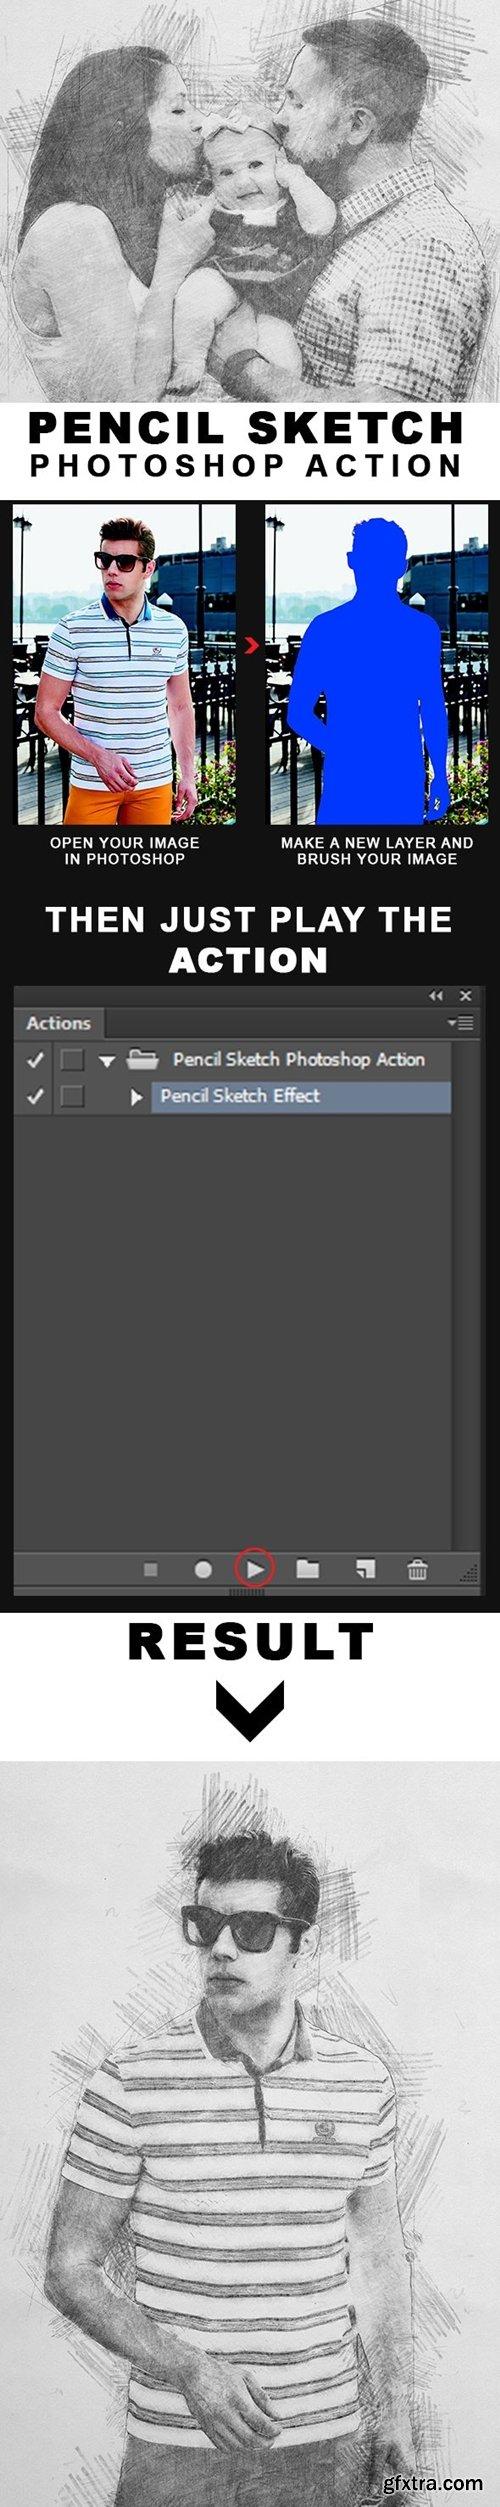 GraphicRiver - Pencil Sketch Photoshop Action 21718327